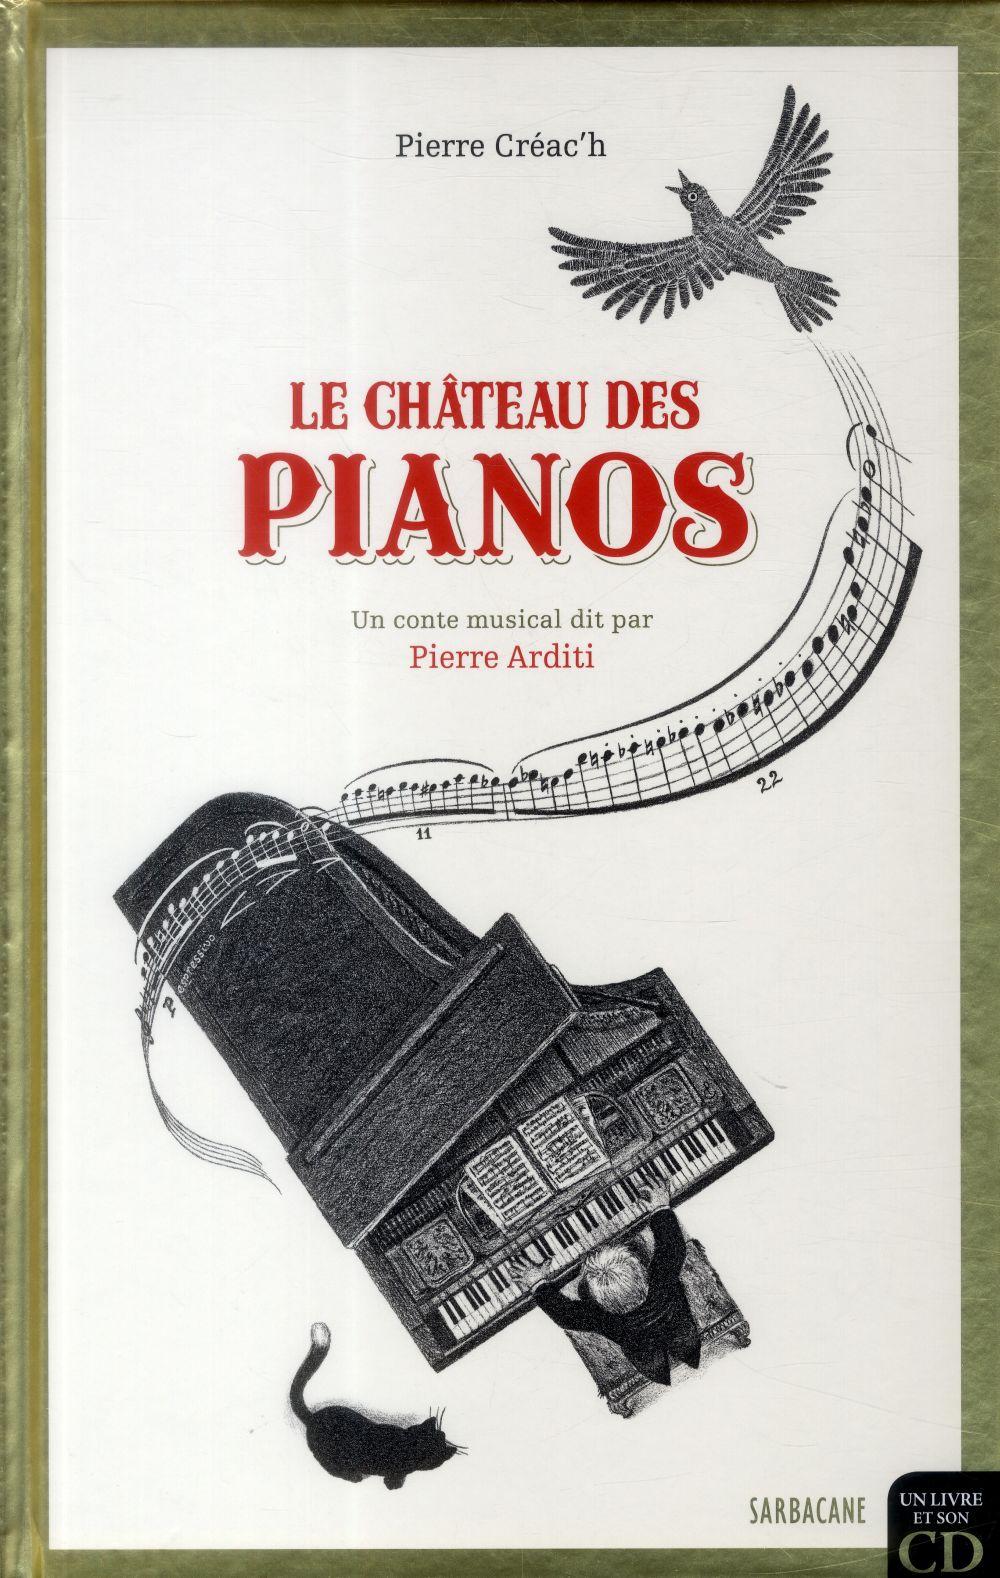 Le chateau des pianos ; un conte musical